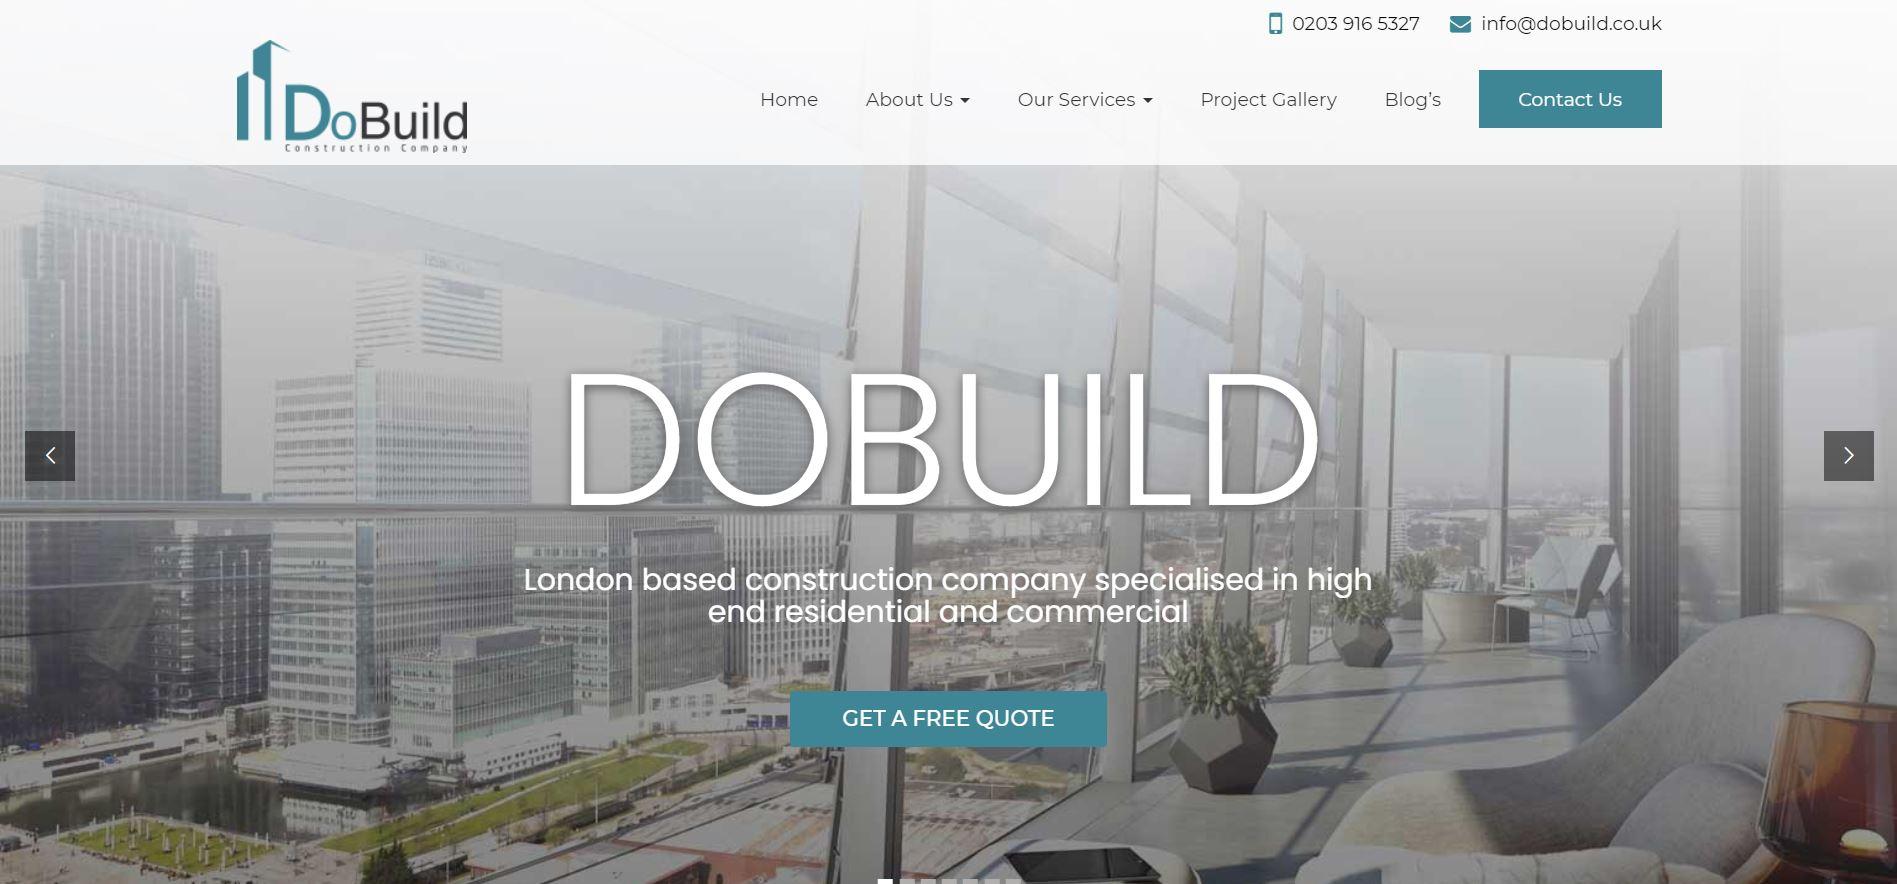 DoBuild Construction Company